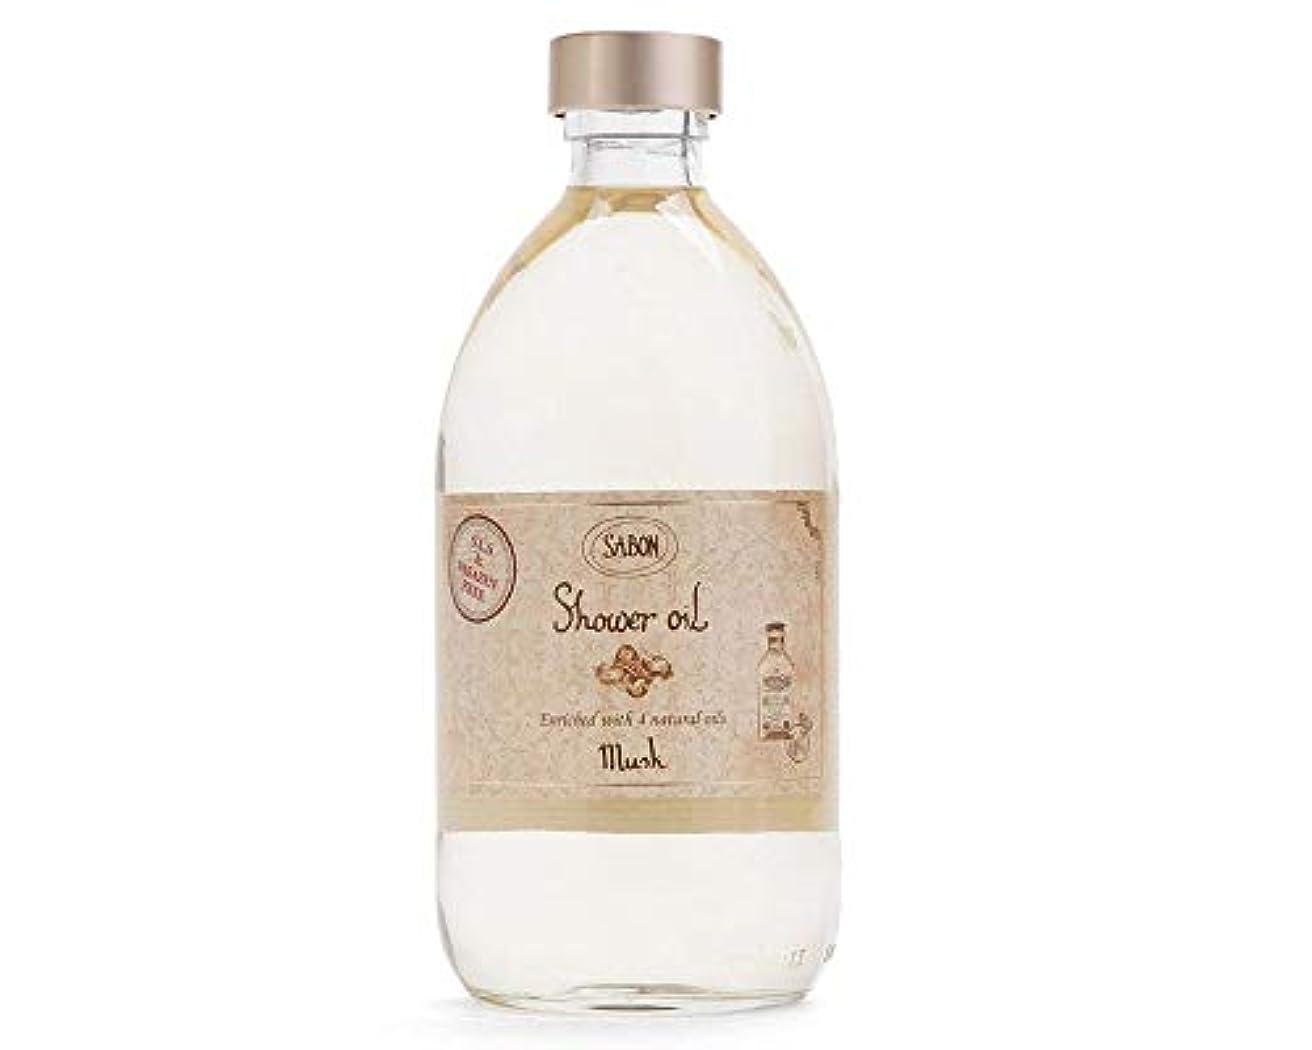 ロースト主人早くサボン SABON シャワーオイル ムスク 500ml ボディケア 保湿 潤い (香水/コスメ)